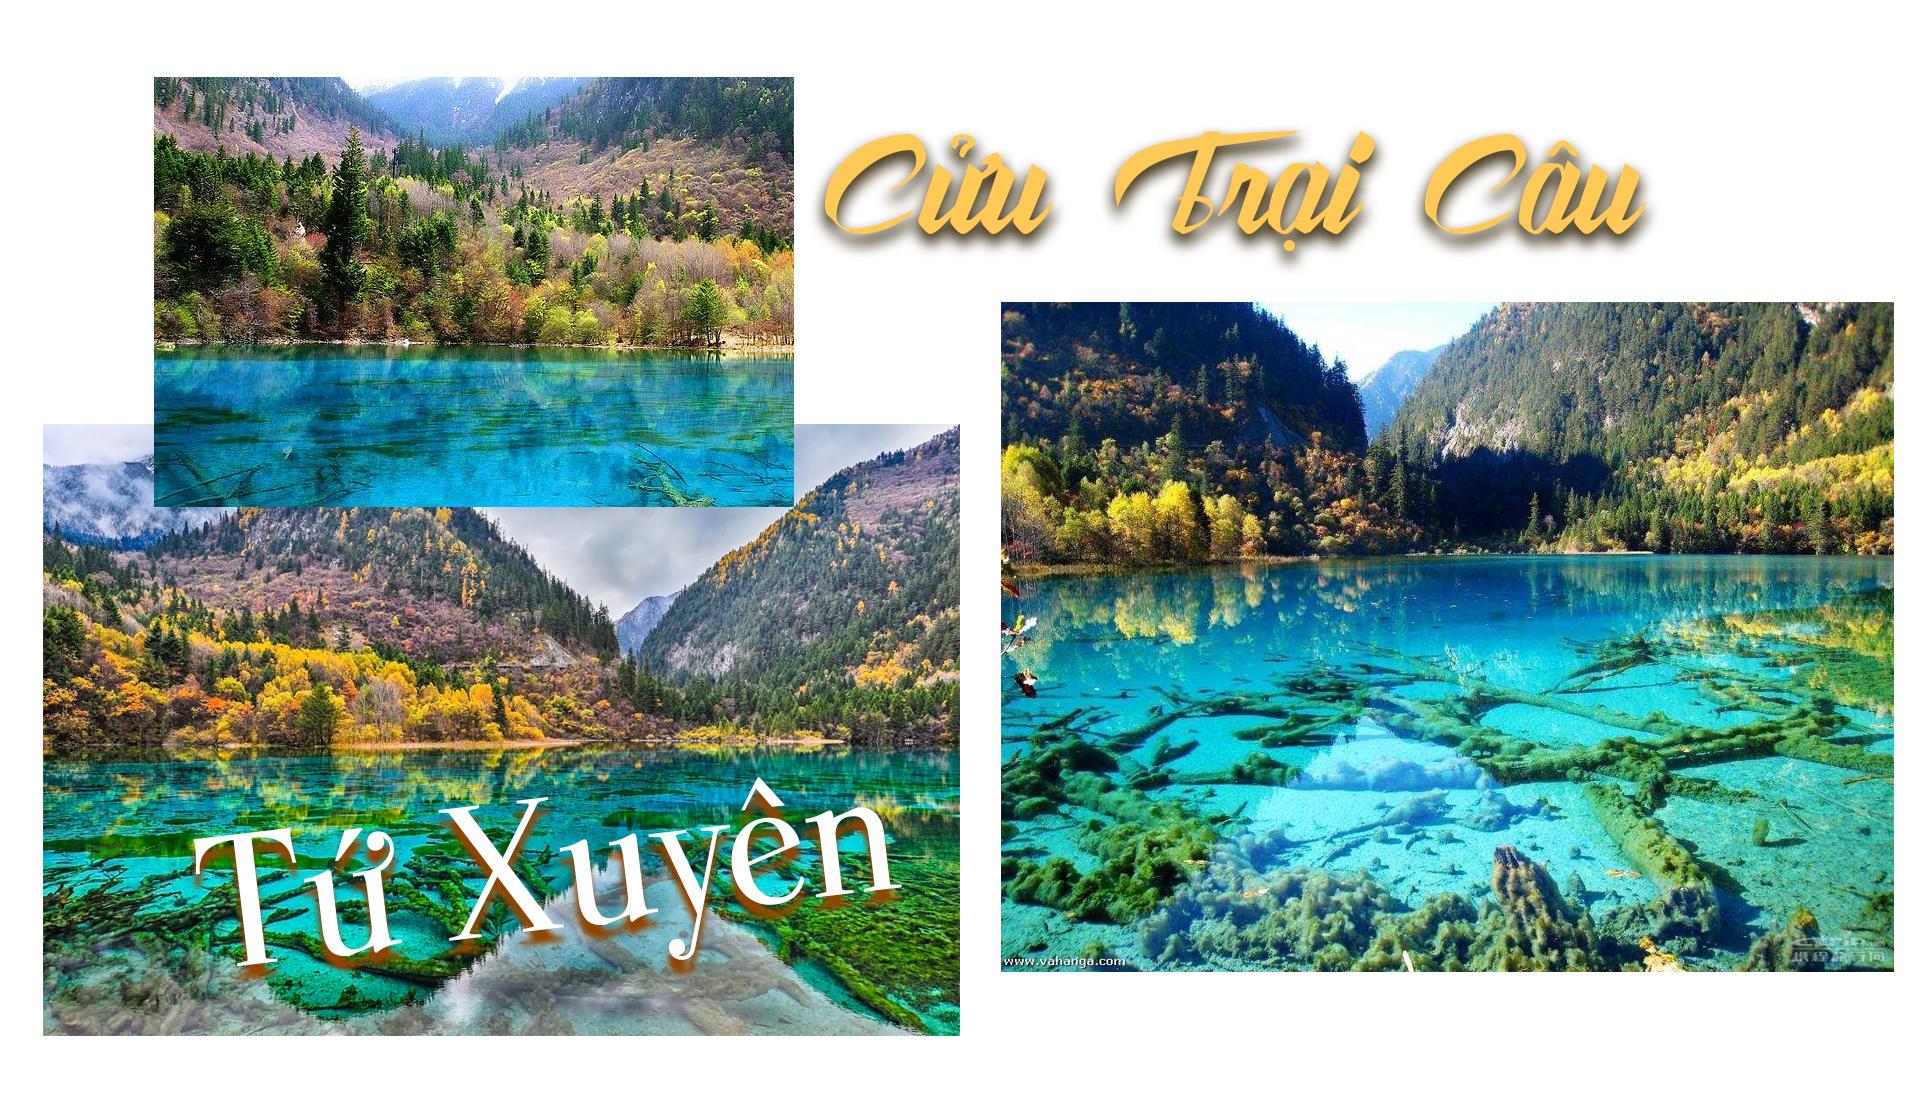 13 điểm đến đẹp nhất Trung Quốc, bạn nên đến một lần trong đời - 11